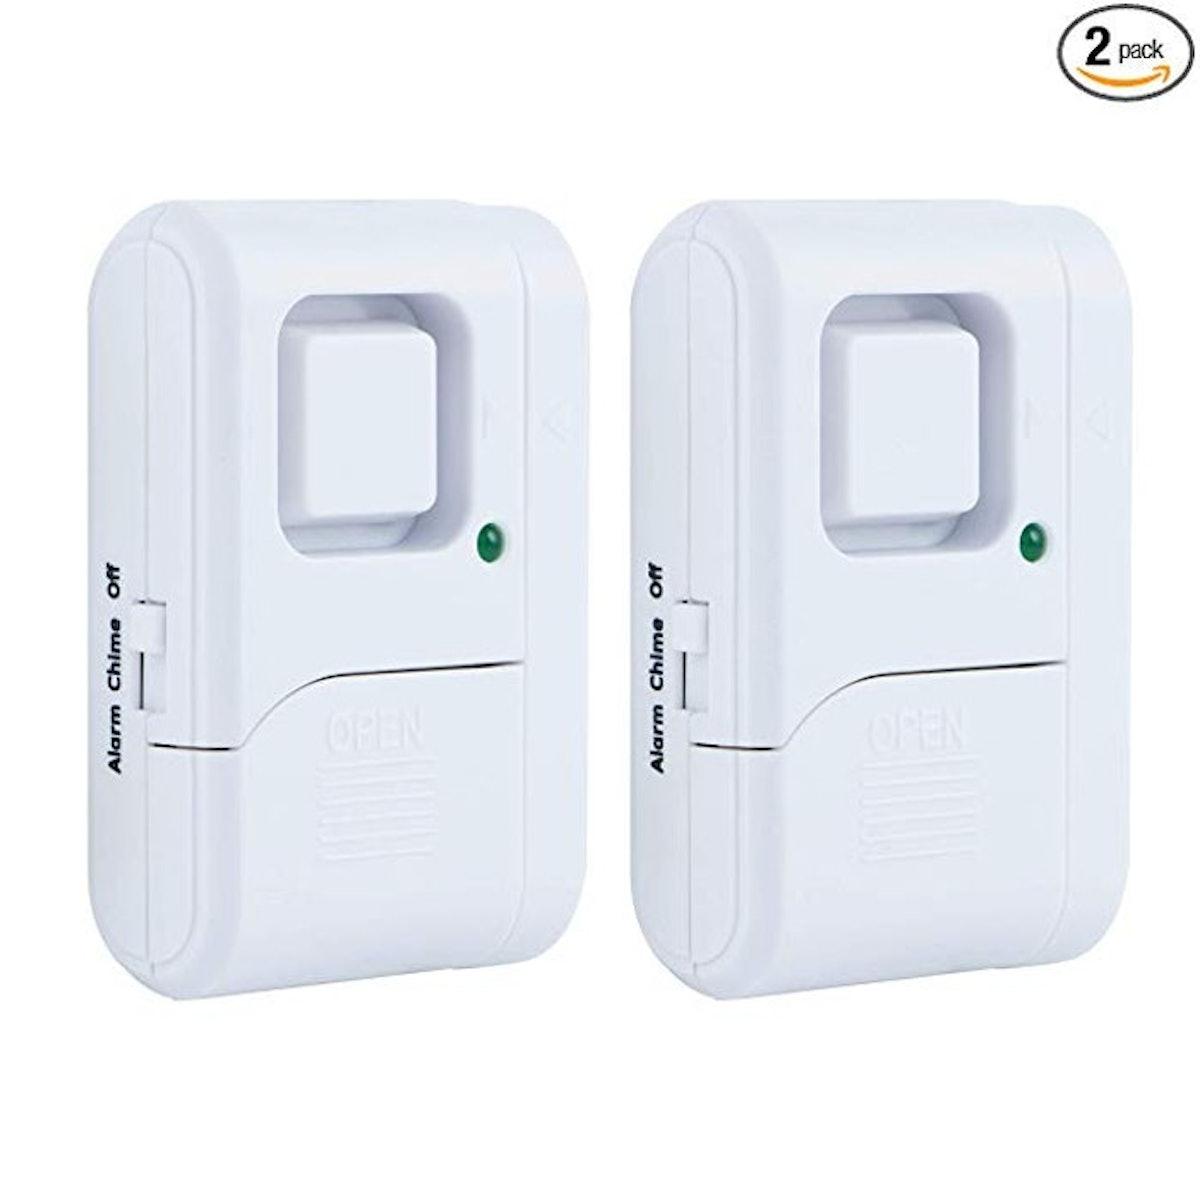 GE Personal Security Window/Door Alarm (2-Pack)